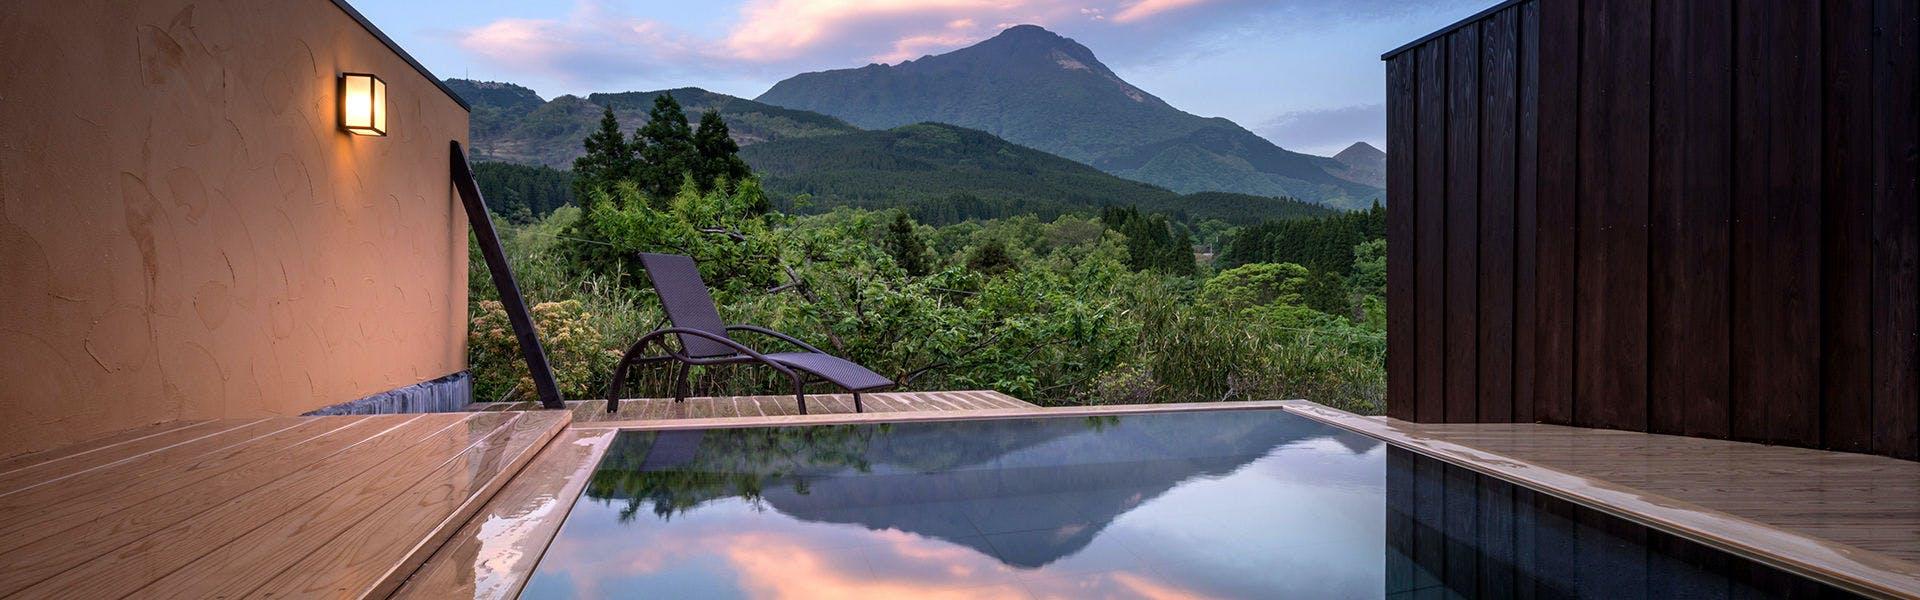 記念日におすすめのホテル・由布院温泉 湯富里の宿 一壷天の写真1